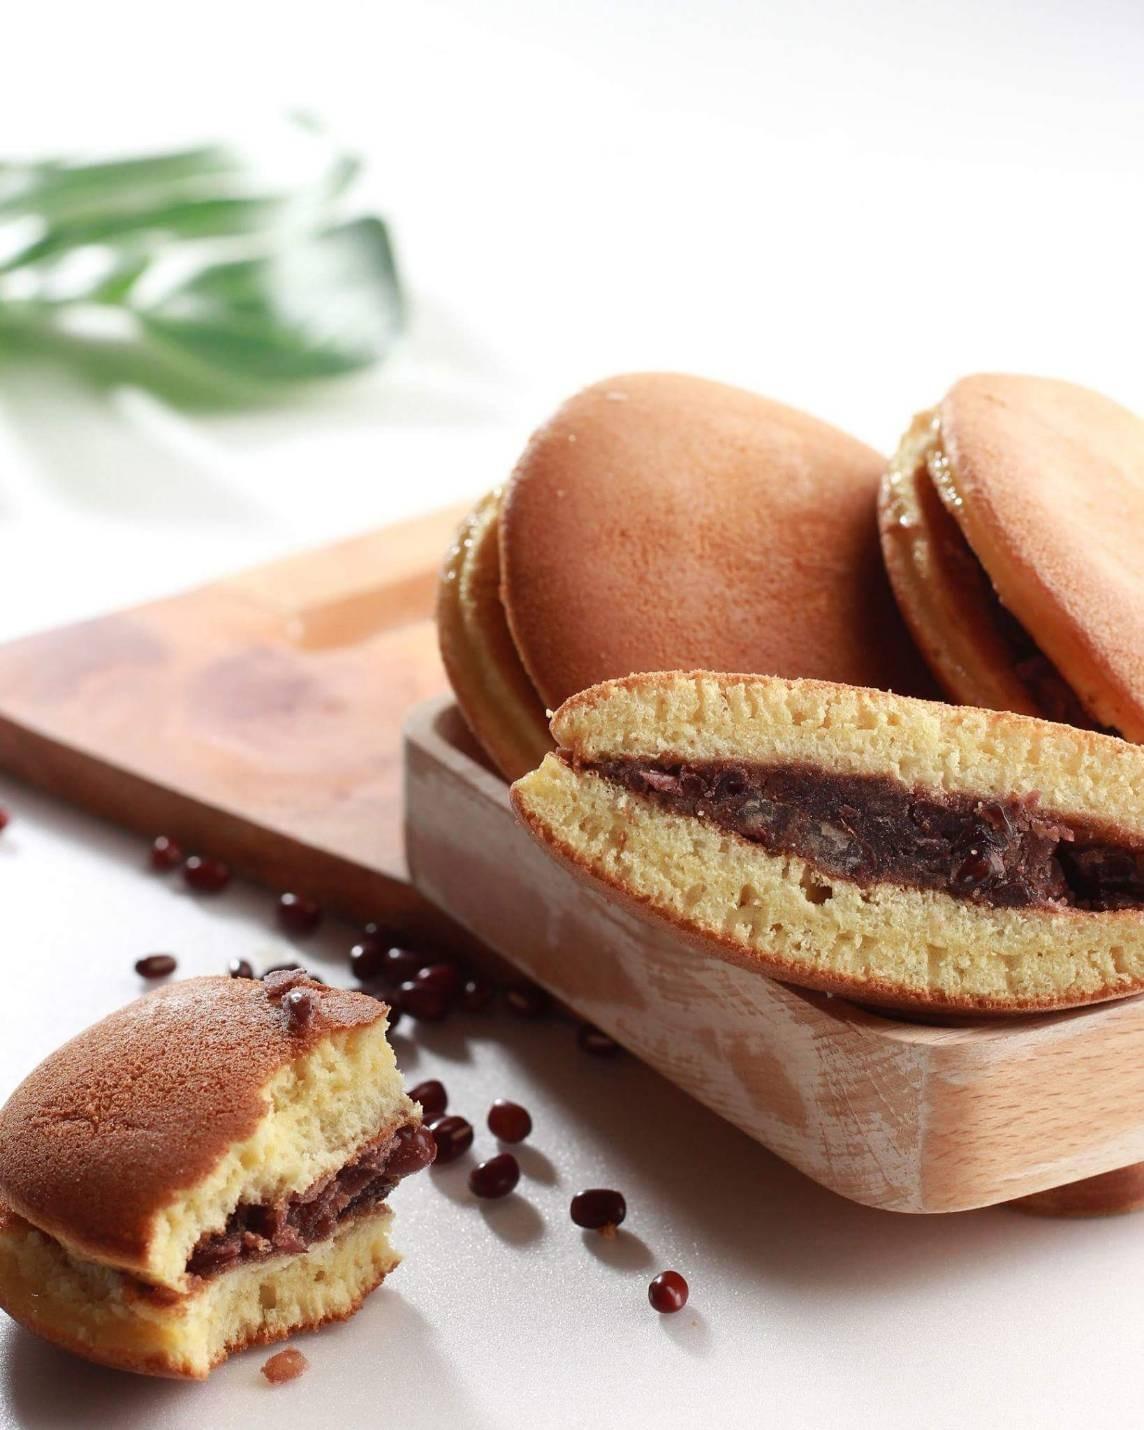 銅鑼燒-銅鑼燒/單包裝  #蛋奶素#萬丹紅豆#純龍眼蜜#日式手工製作